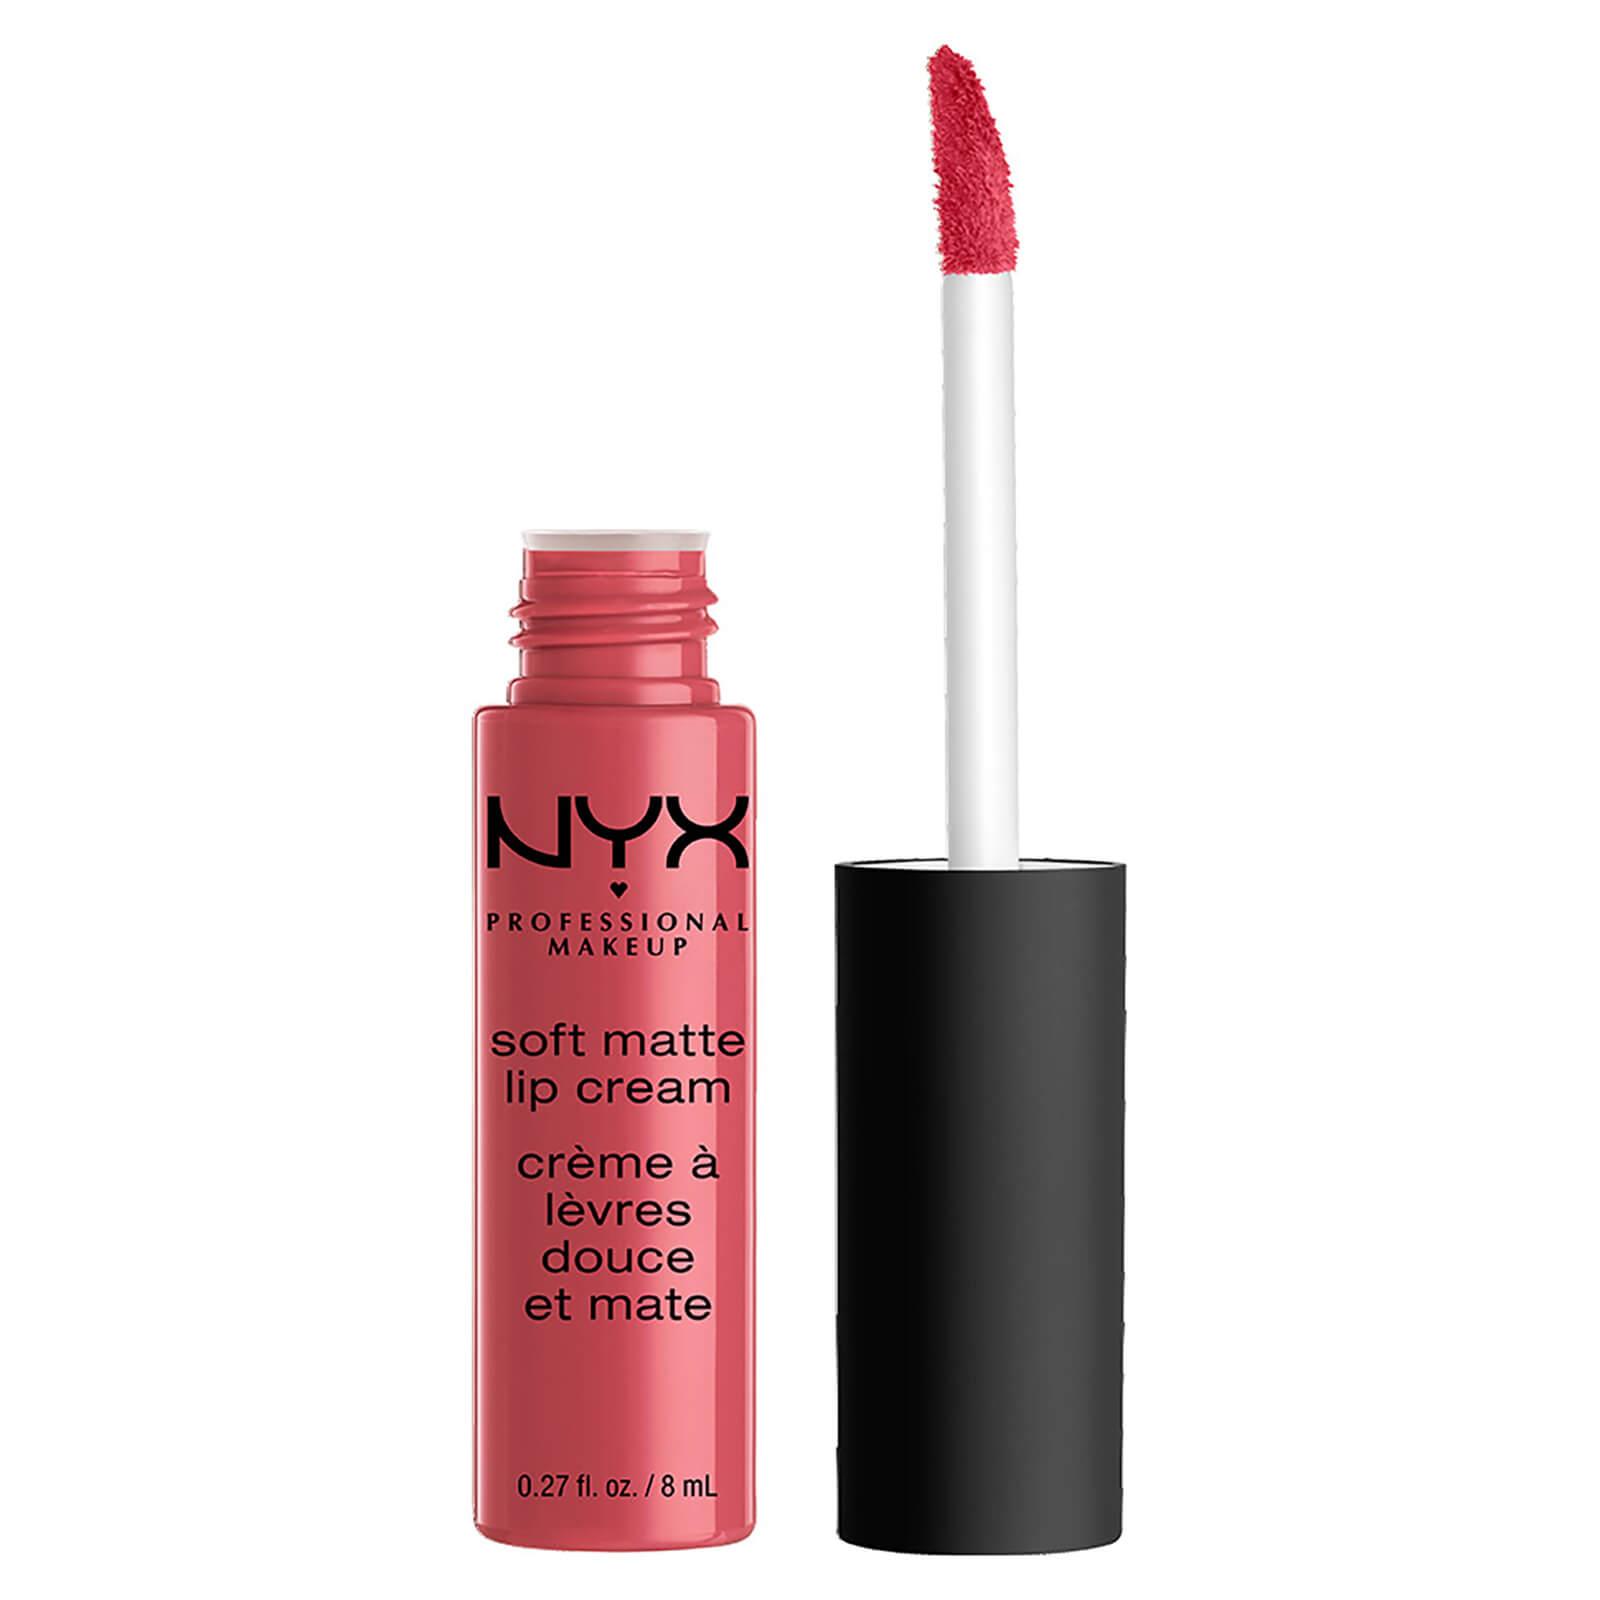 Купить Матовая жидкая помада NYX Professional Makeup Soft Matte Lip Cream (разные оттенки) - San Paulo